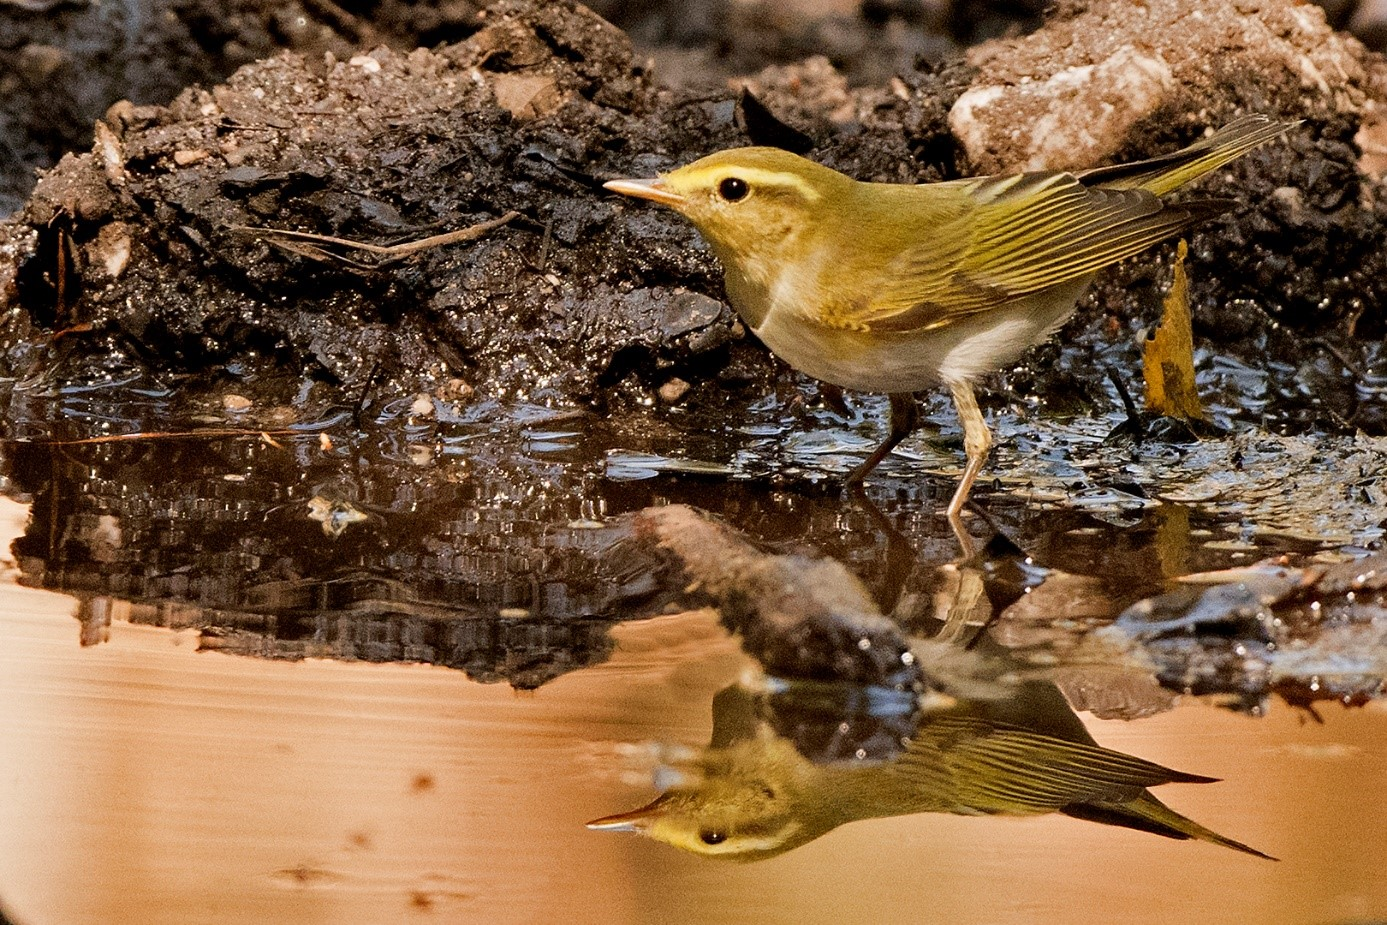 De groenachtige Fluiter met zijn kenmerkende geel/groene oogstreep - Foto: ©Ton Heekelaar